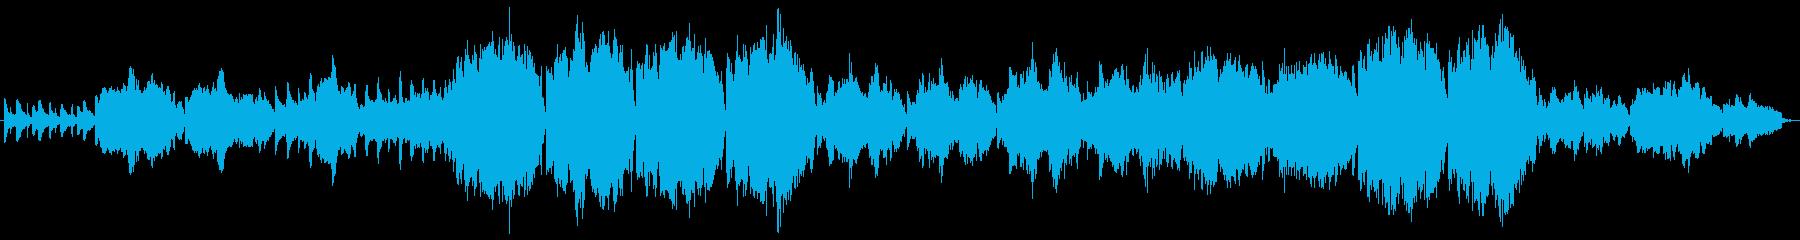 ほのぼのした和風曲の再生済みの波形